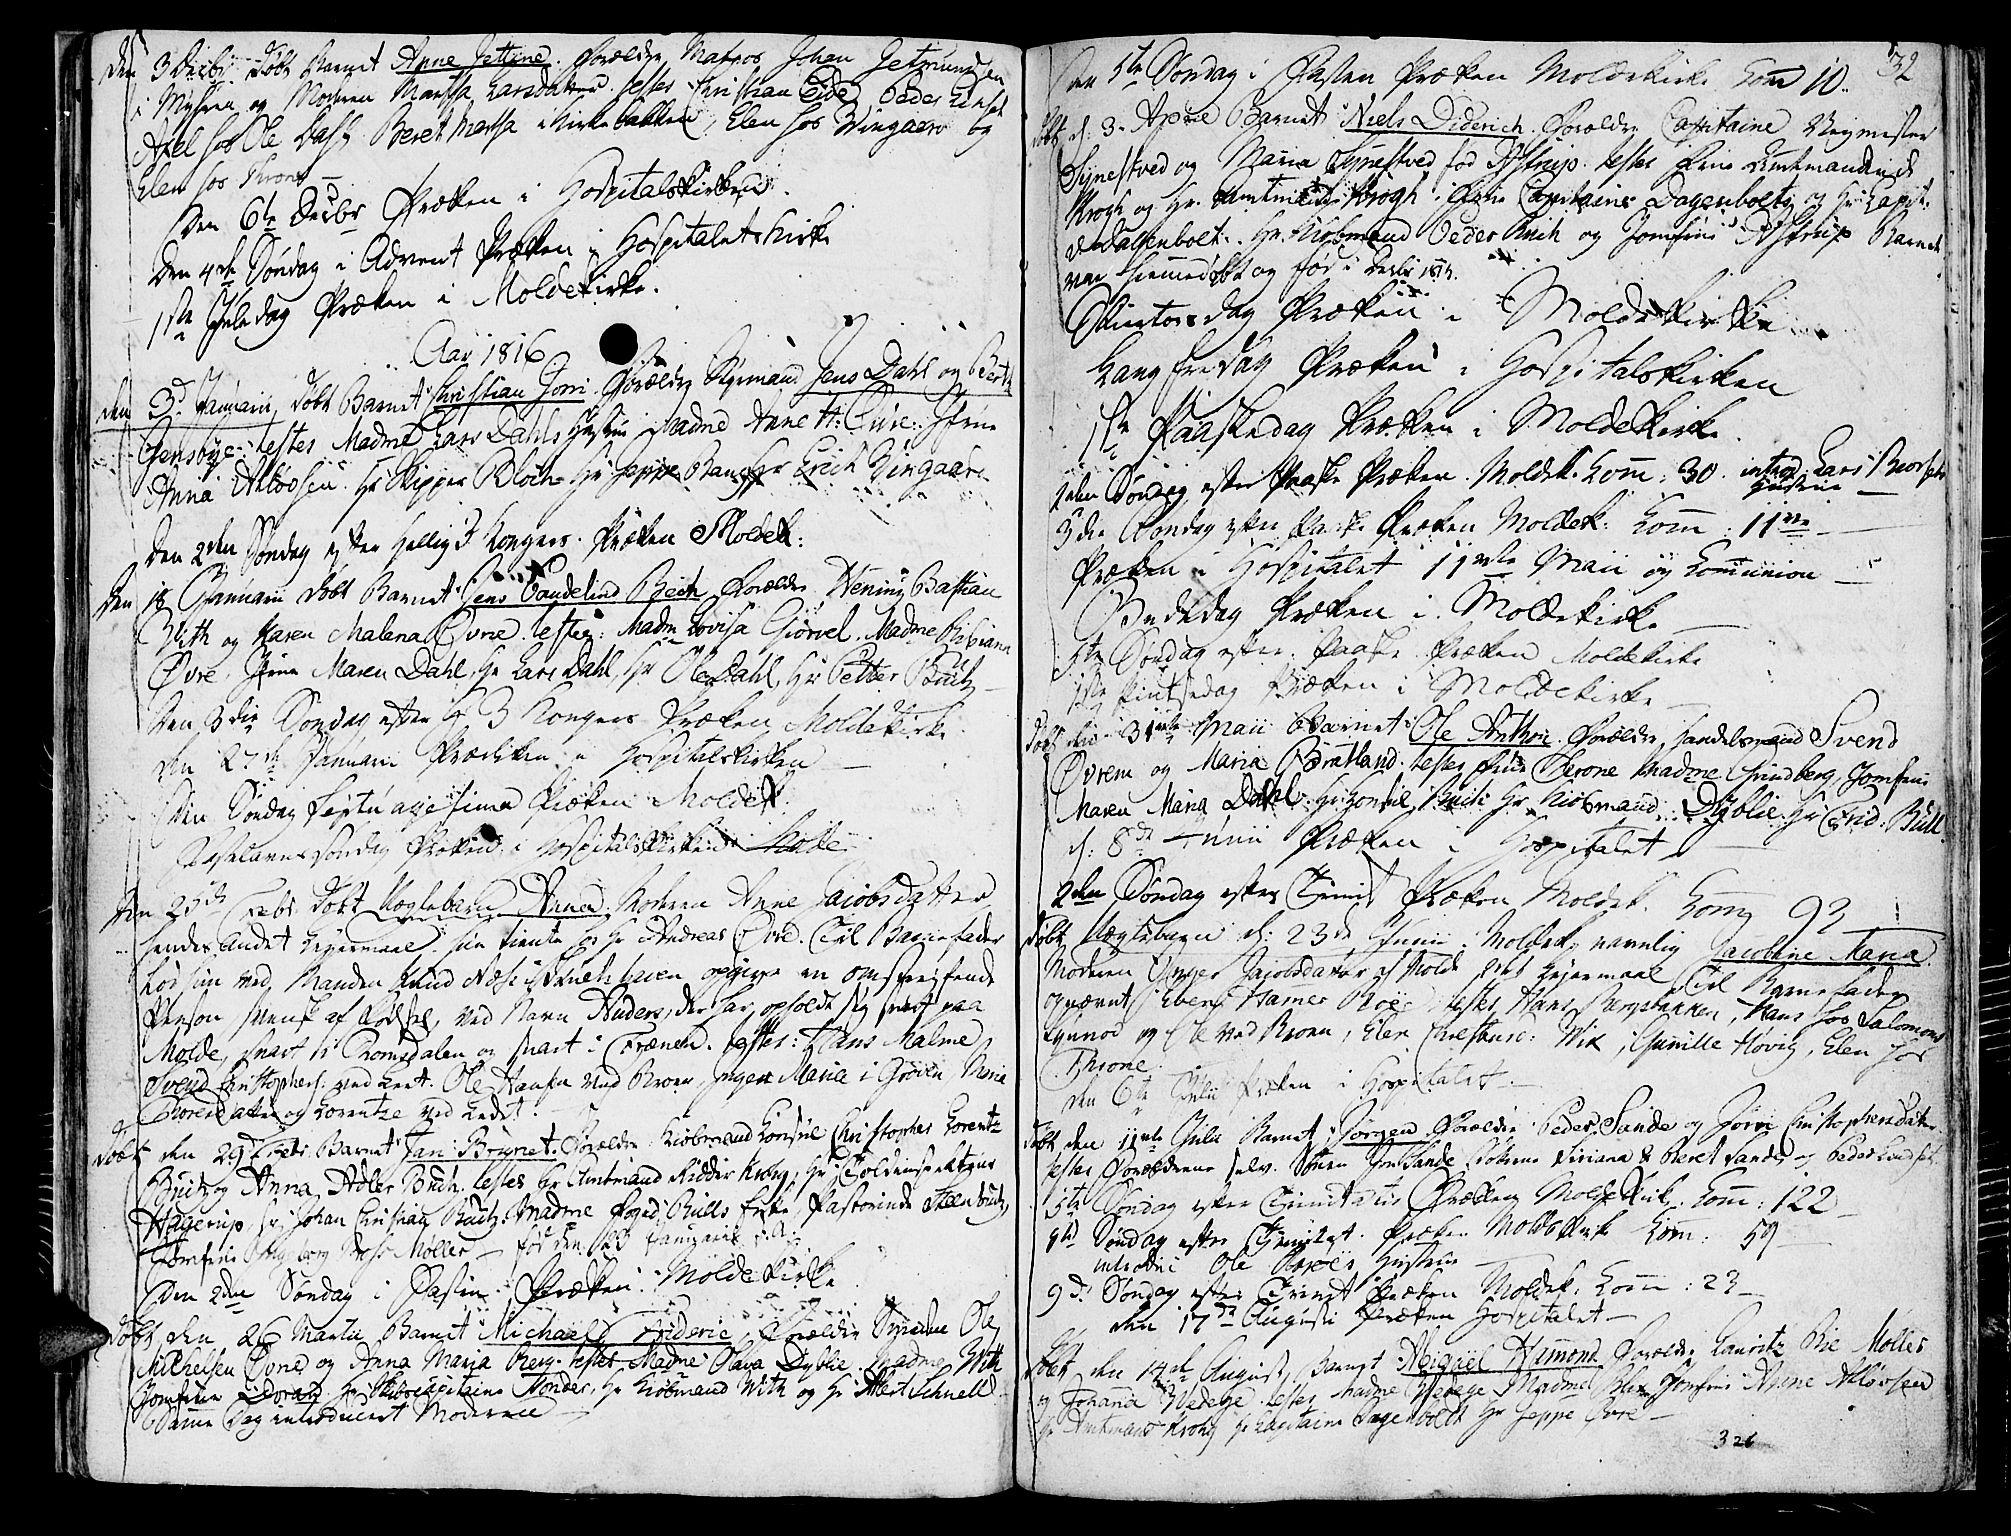 SAT, Ministerialprotokoller, klokkerbøker og fødselsregistre - Møre og Romsdal, 558/L0687: Ministerialbok nr. 558A01, 1798-1818, s. 32